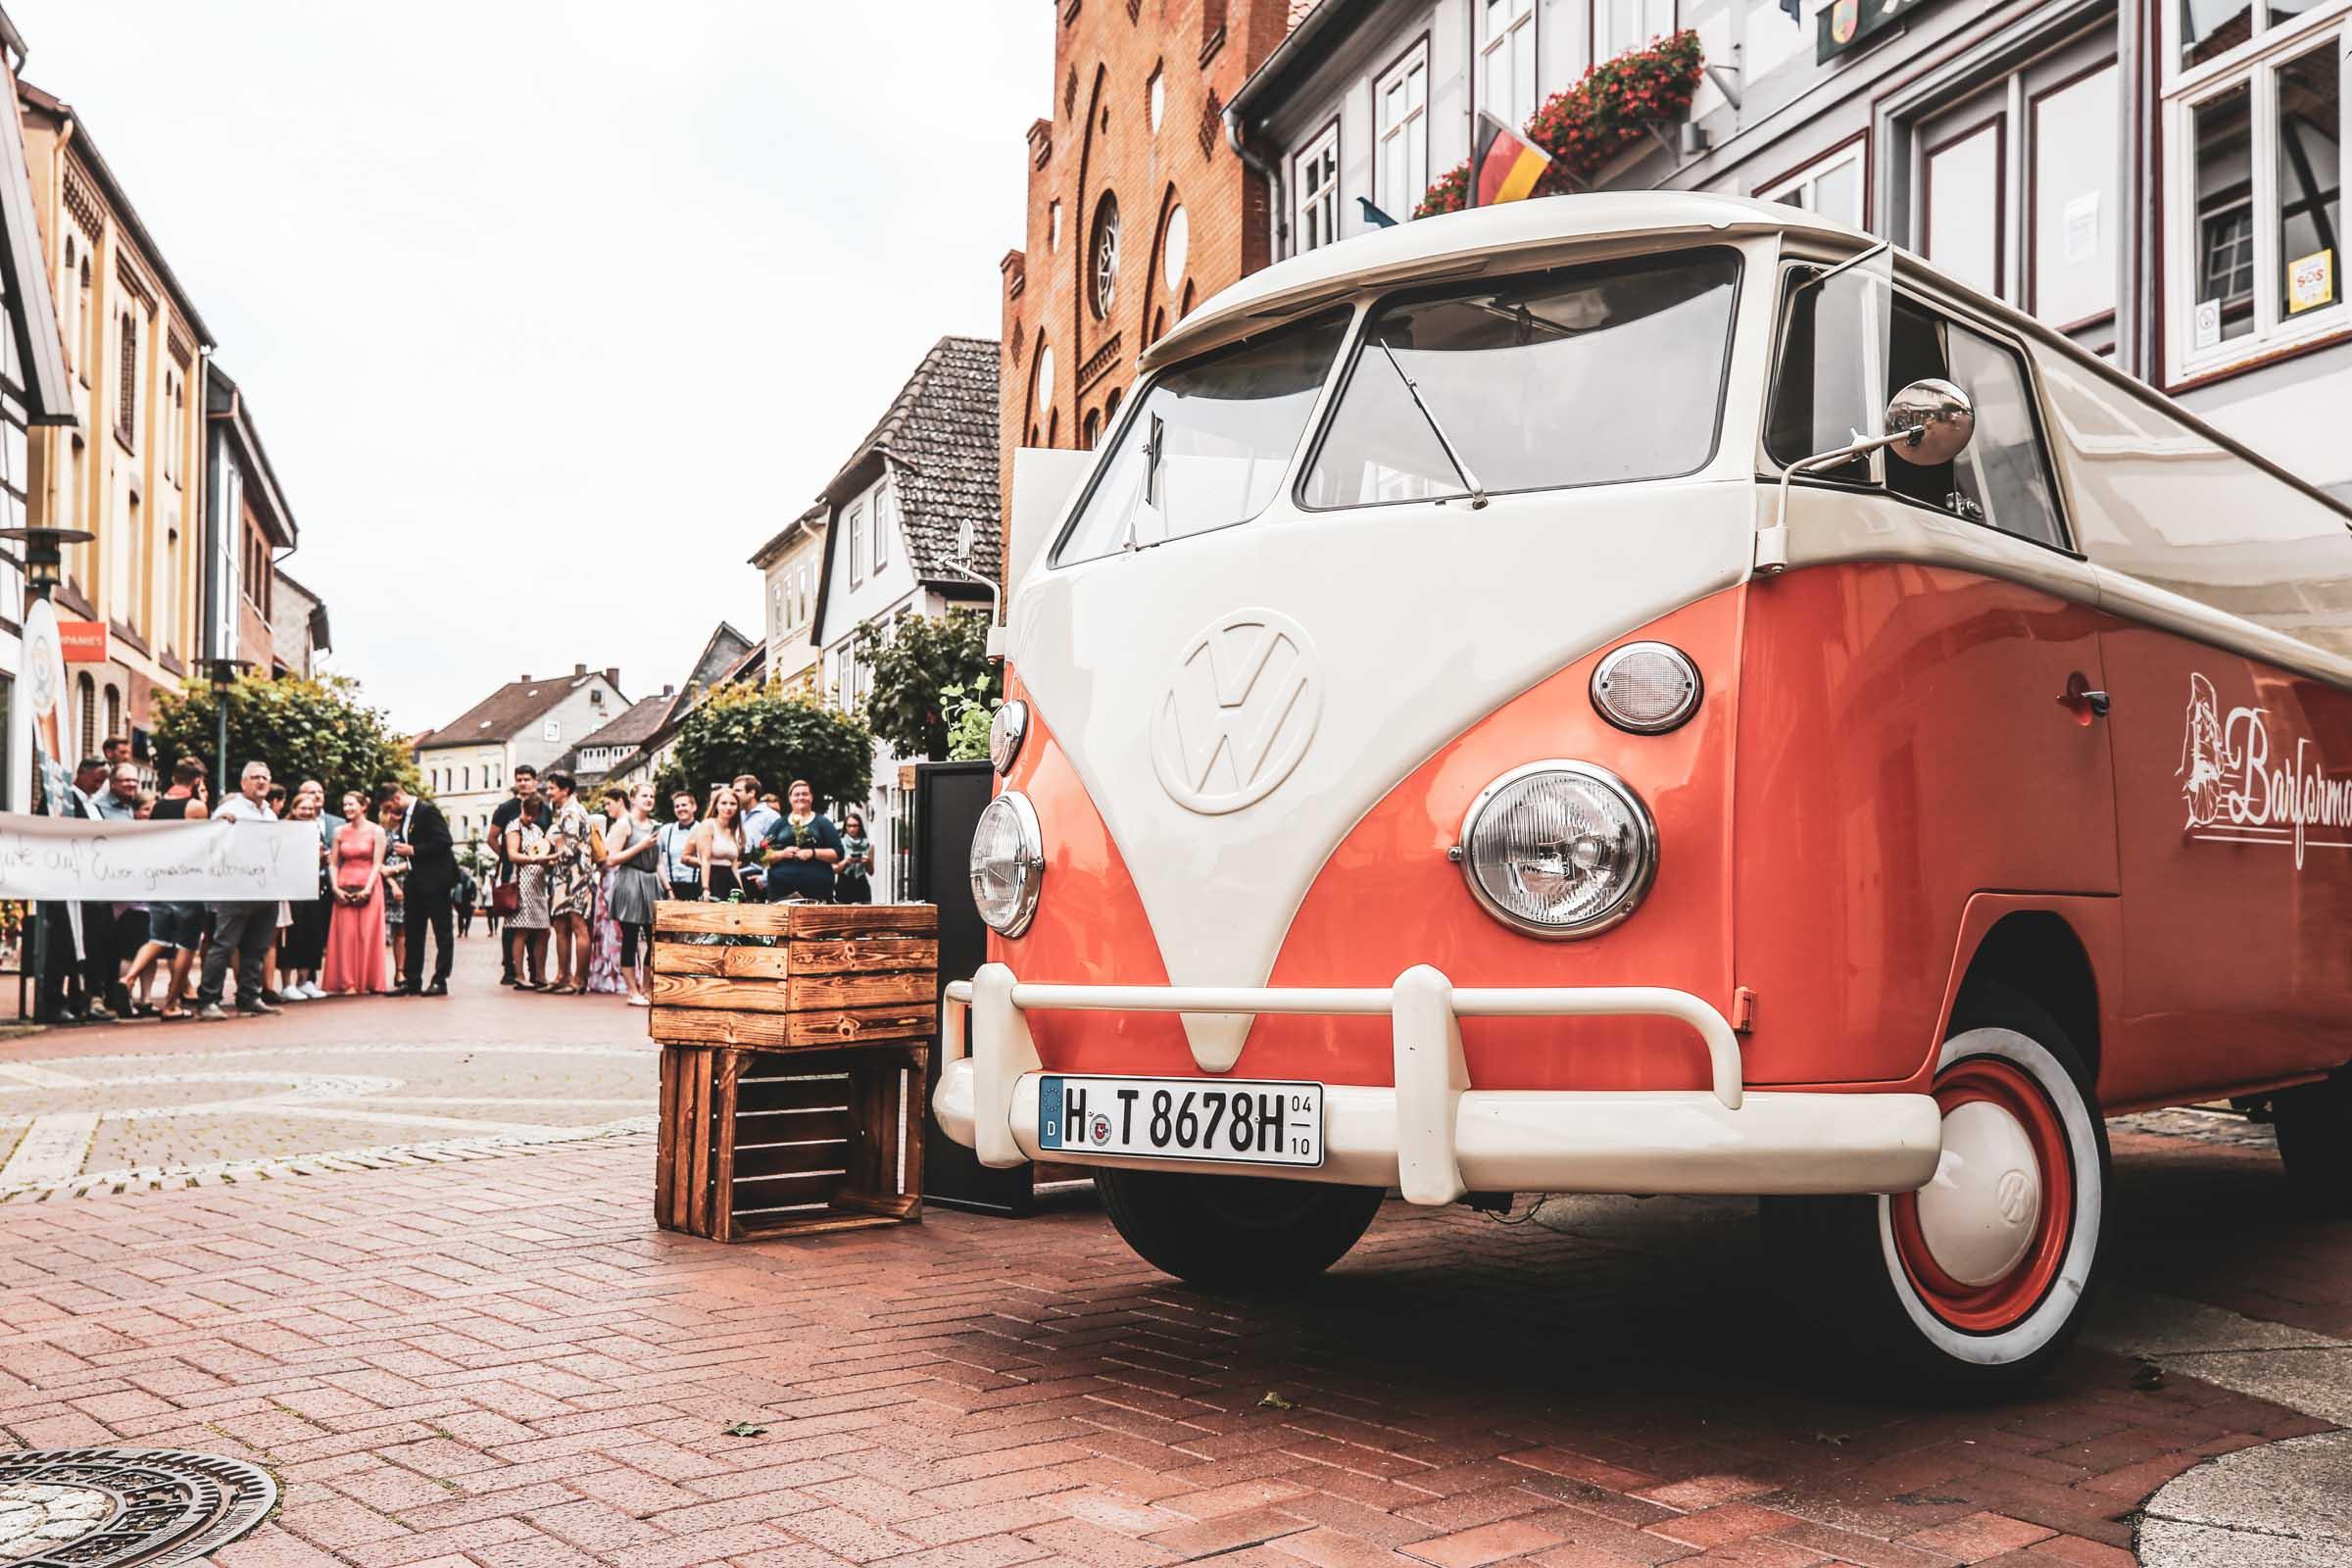 Mobile | Cocktailbar | Hochzeit | Sektempfang | Barkeeper | Buchen | Mieten | Geburtstag | Ape | VW | Bar | Getränke | Catering | Foodtruck | Weinbar | Sektbar | Ginbar | Kaffeebar | Messe | Theke